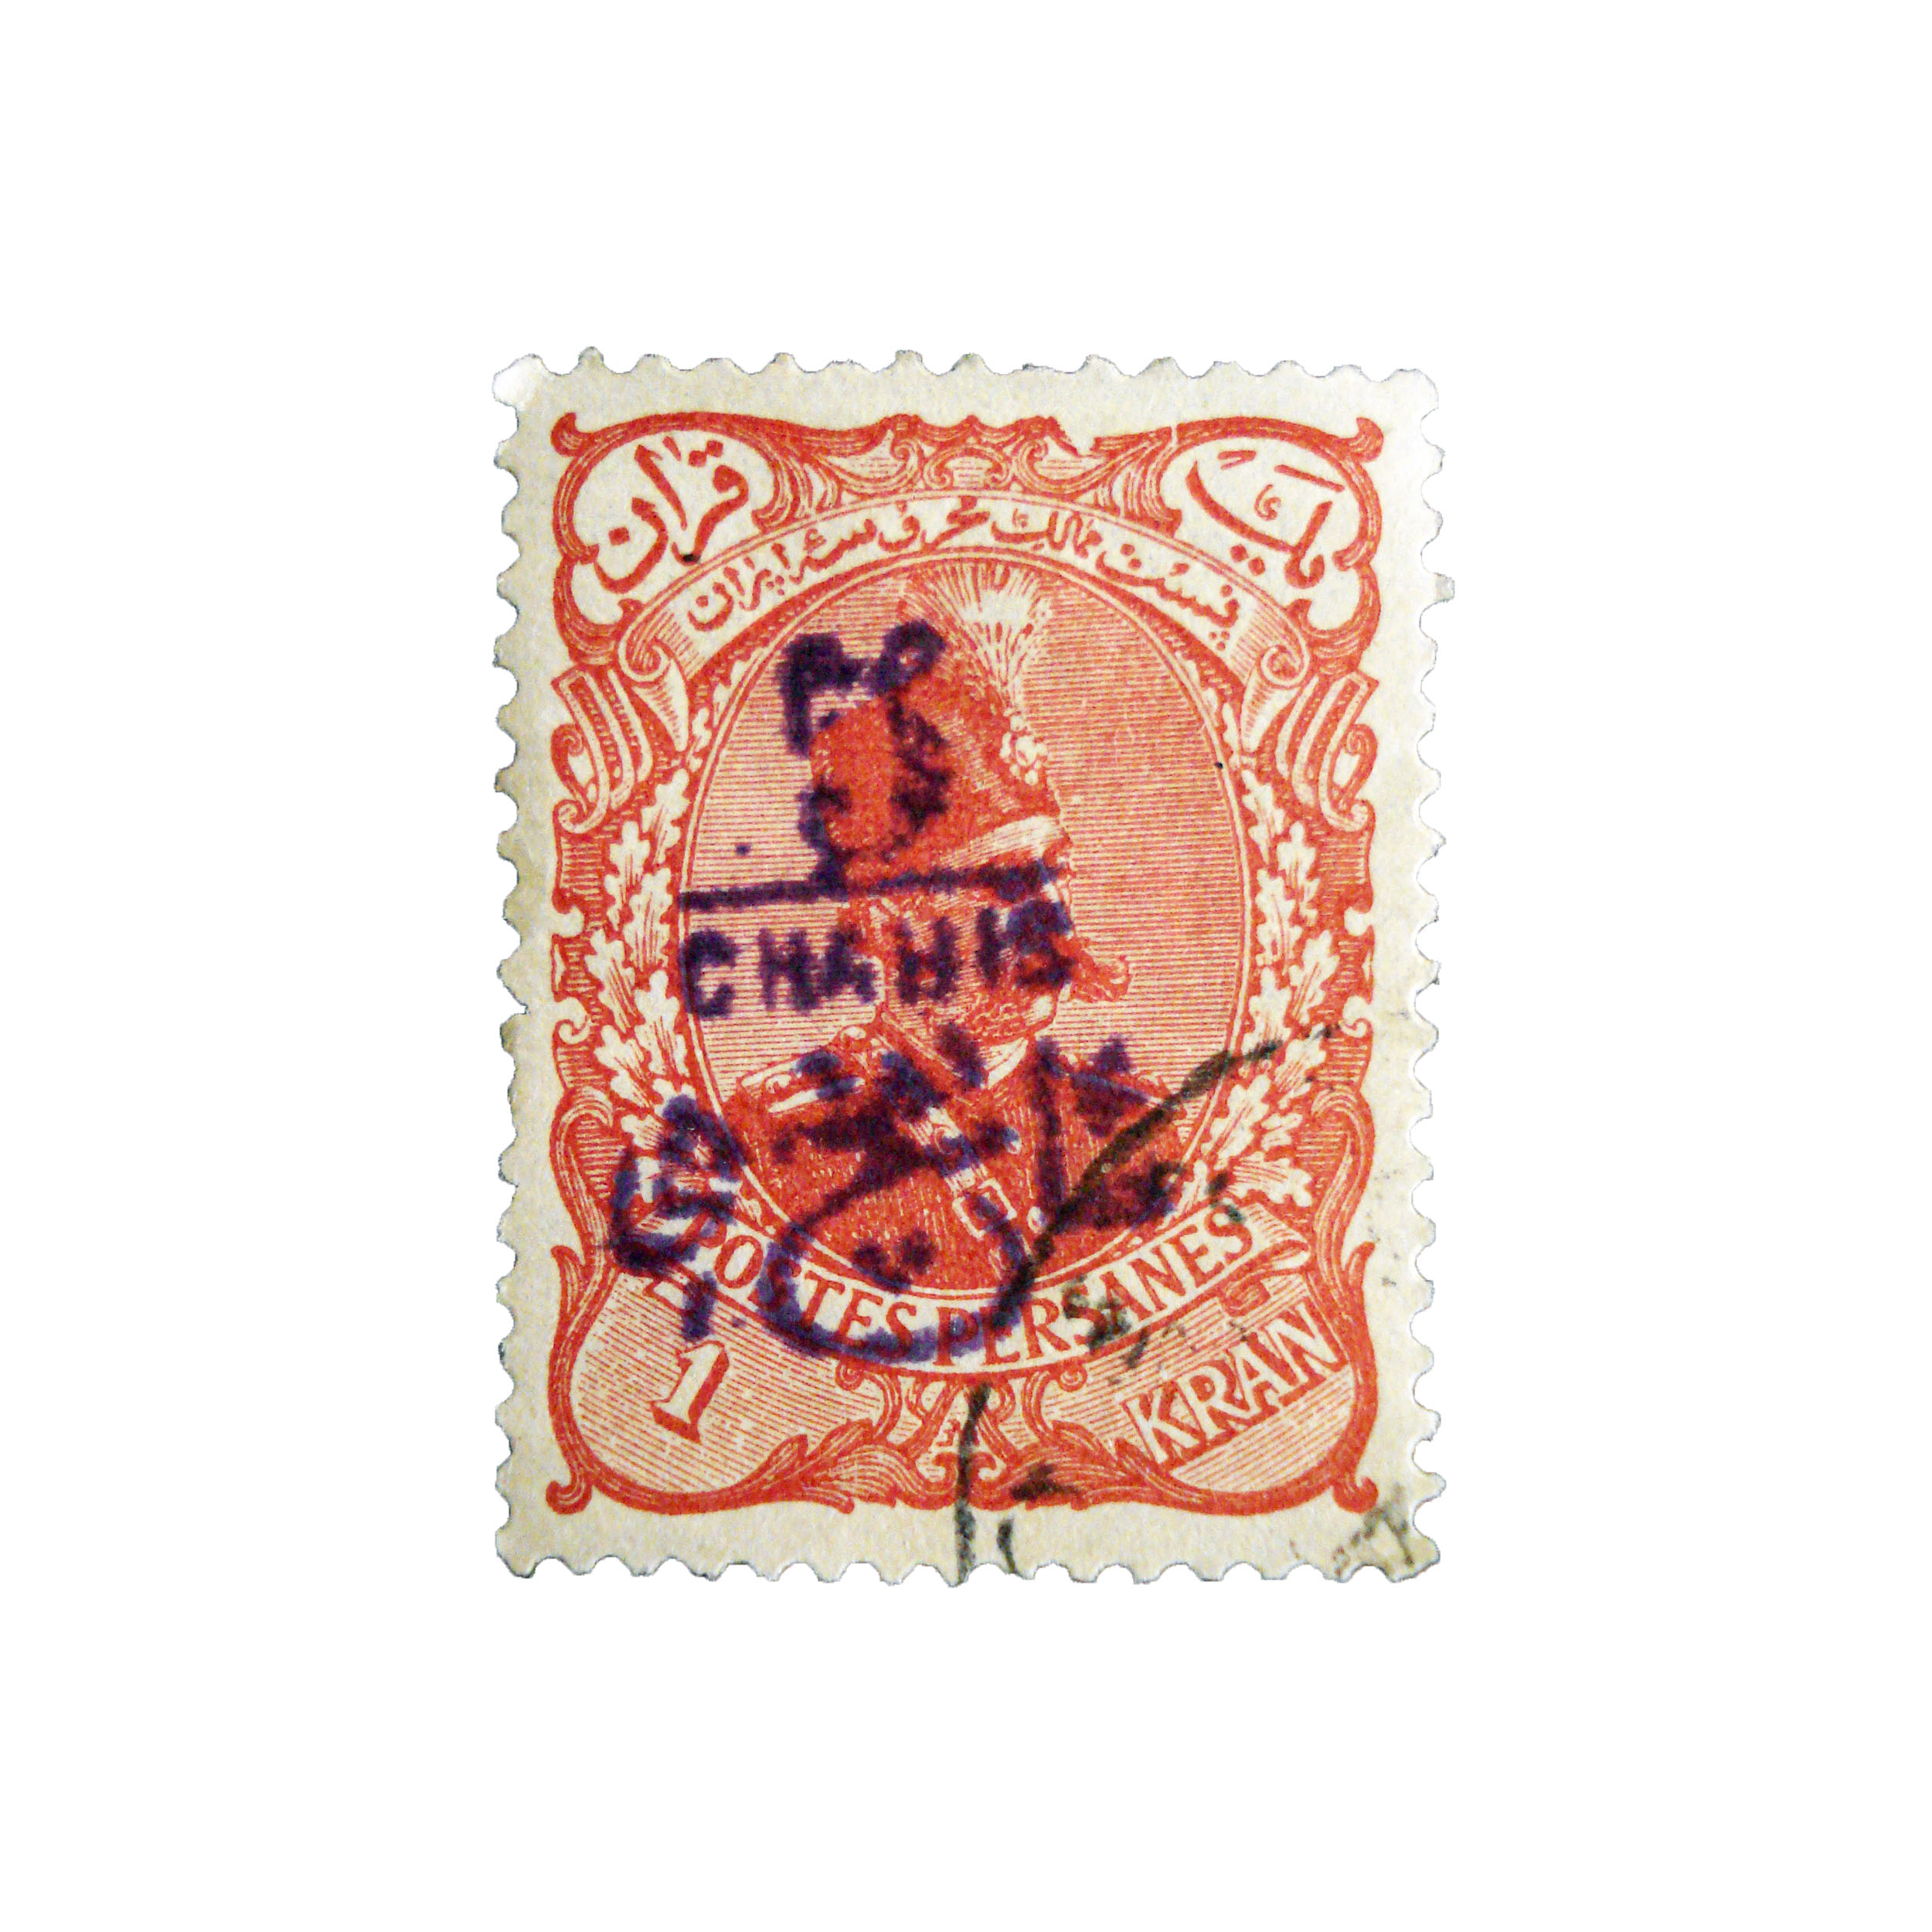 تمبر یادگاری مدل مظفرالدین شاه کد mali-6